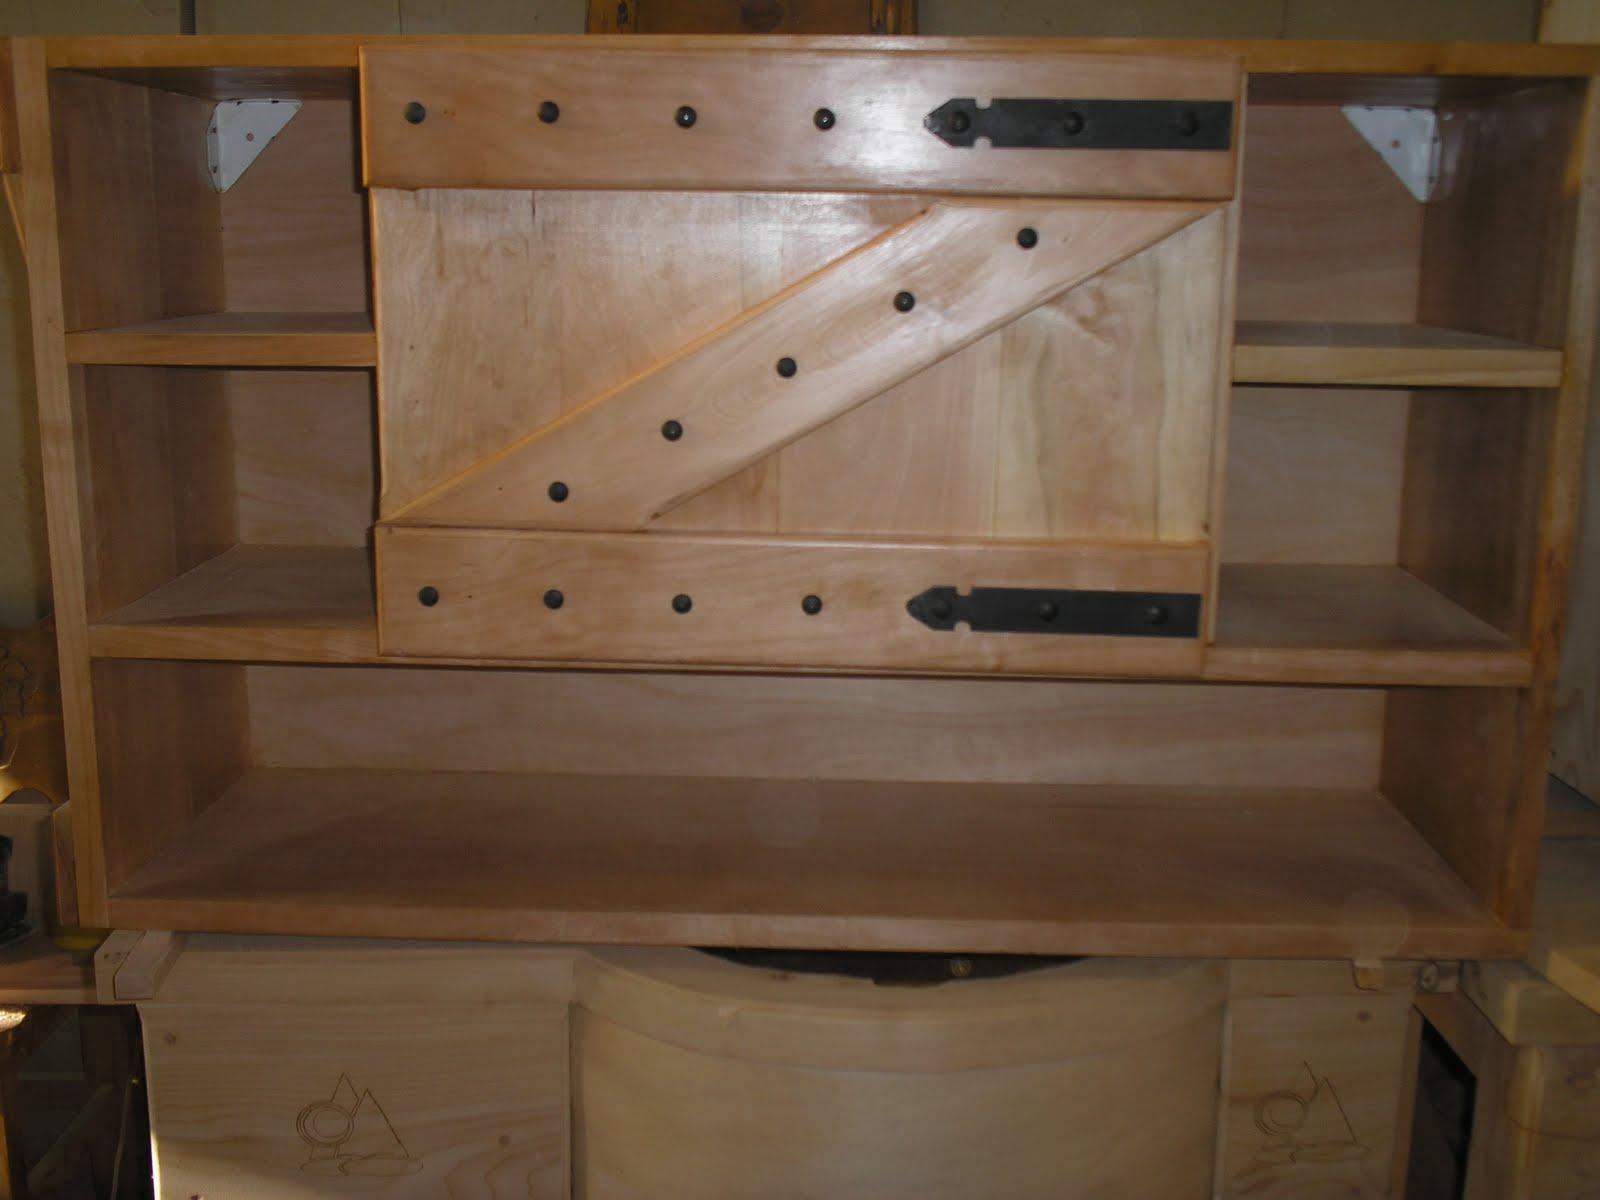 Muebles artesanales alacena y bajomesada estilo campo en - Muebles artesanales de madera ...